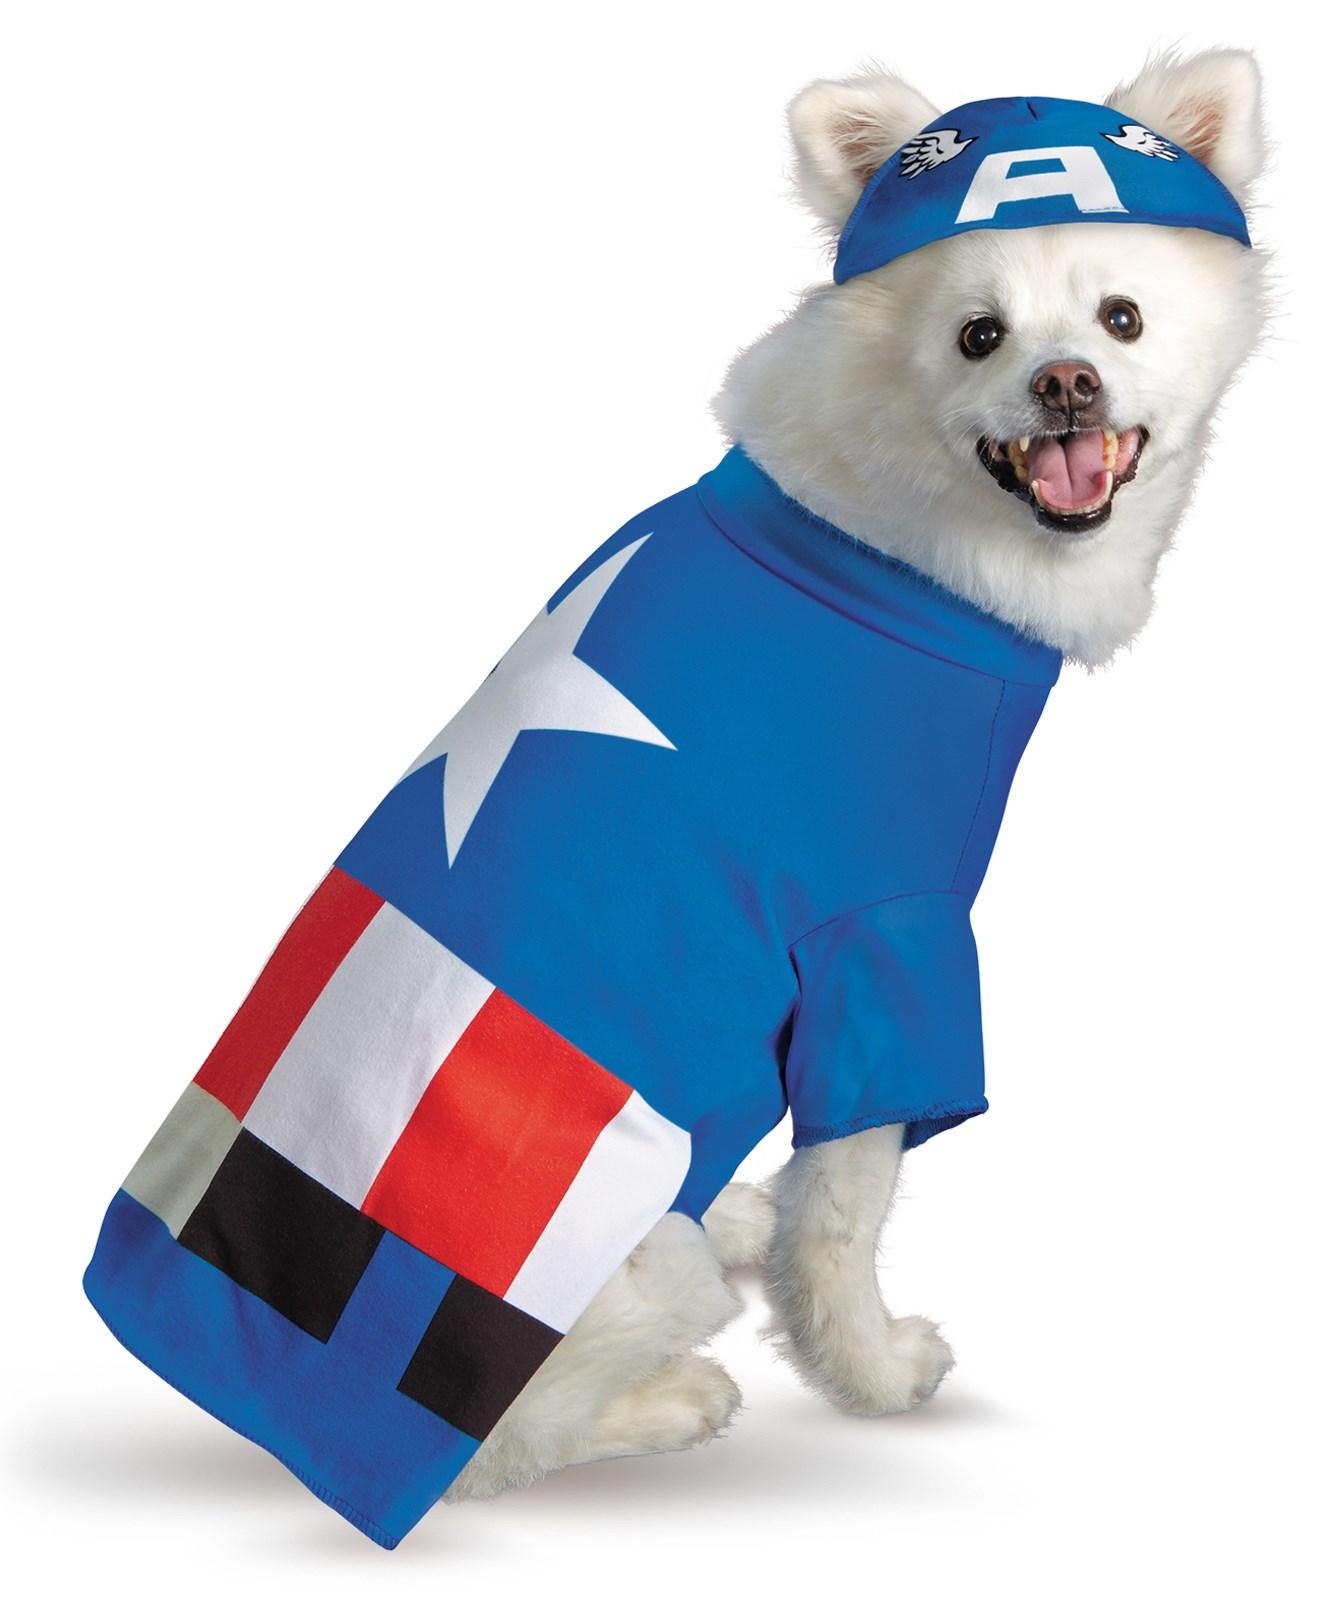 Pet Captain America Costume | BuyCostumes.com